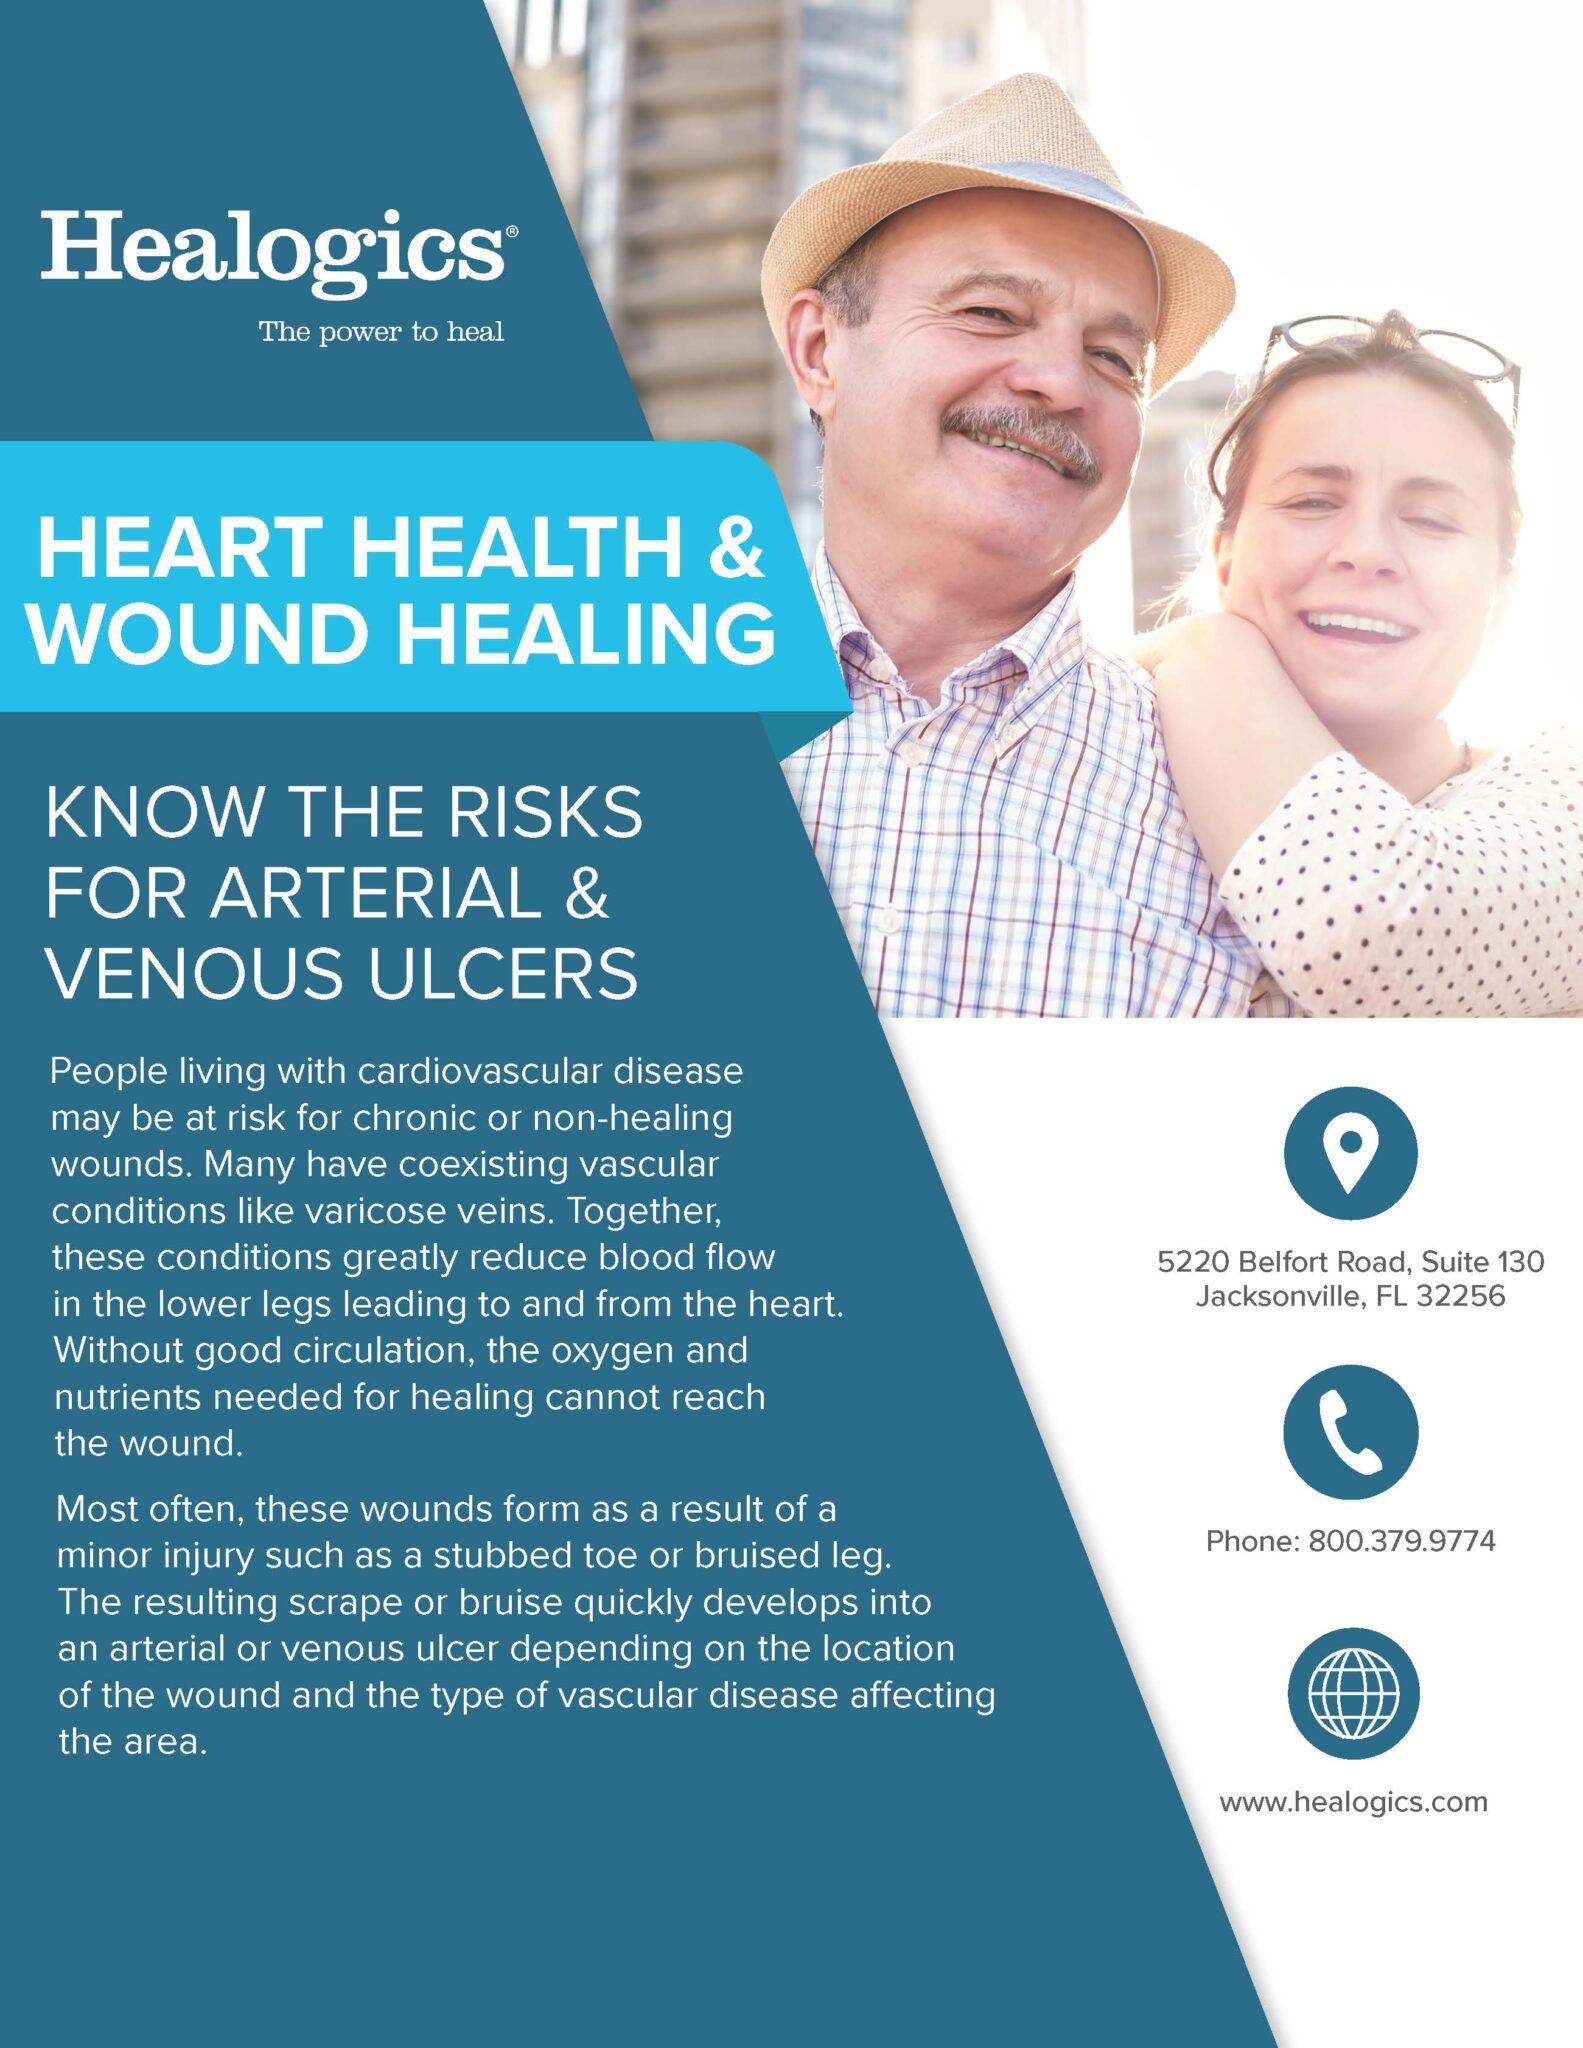 arterial vs venous ulcer